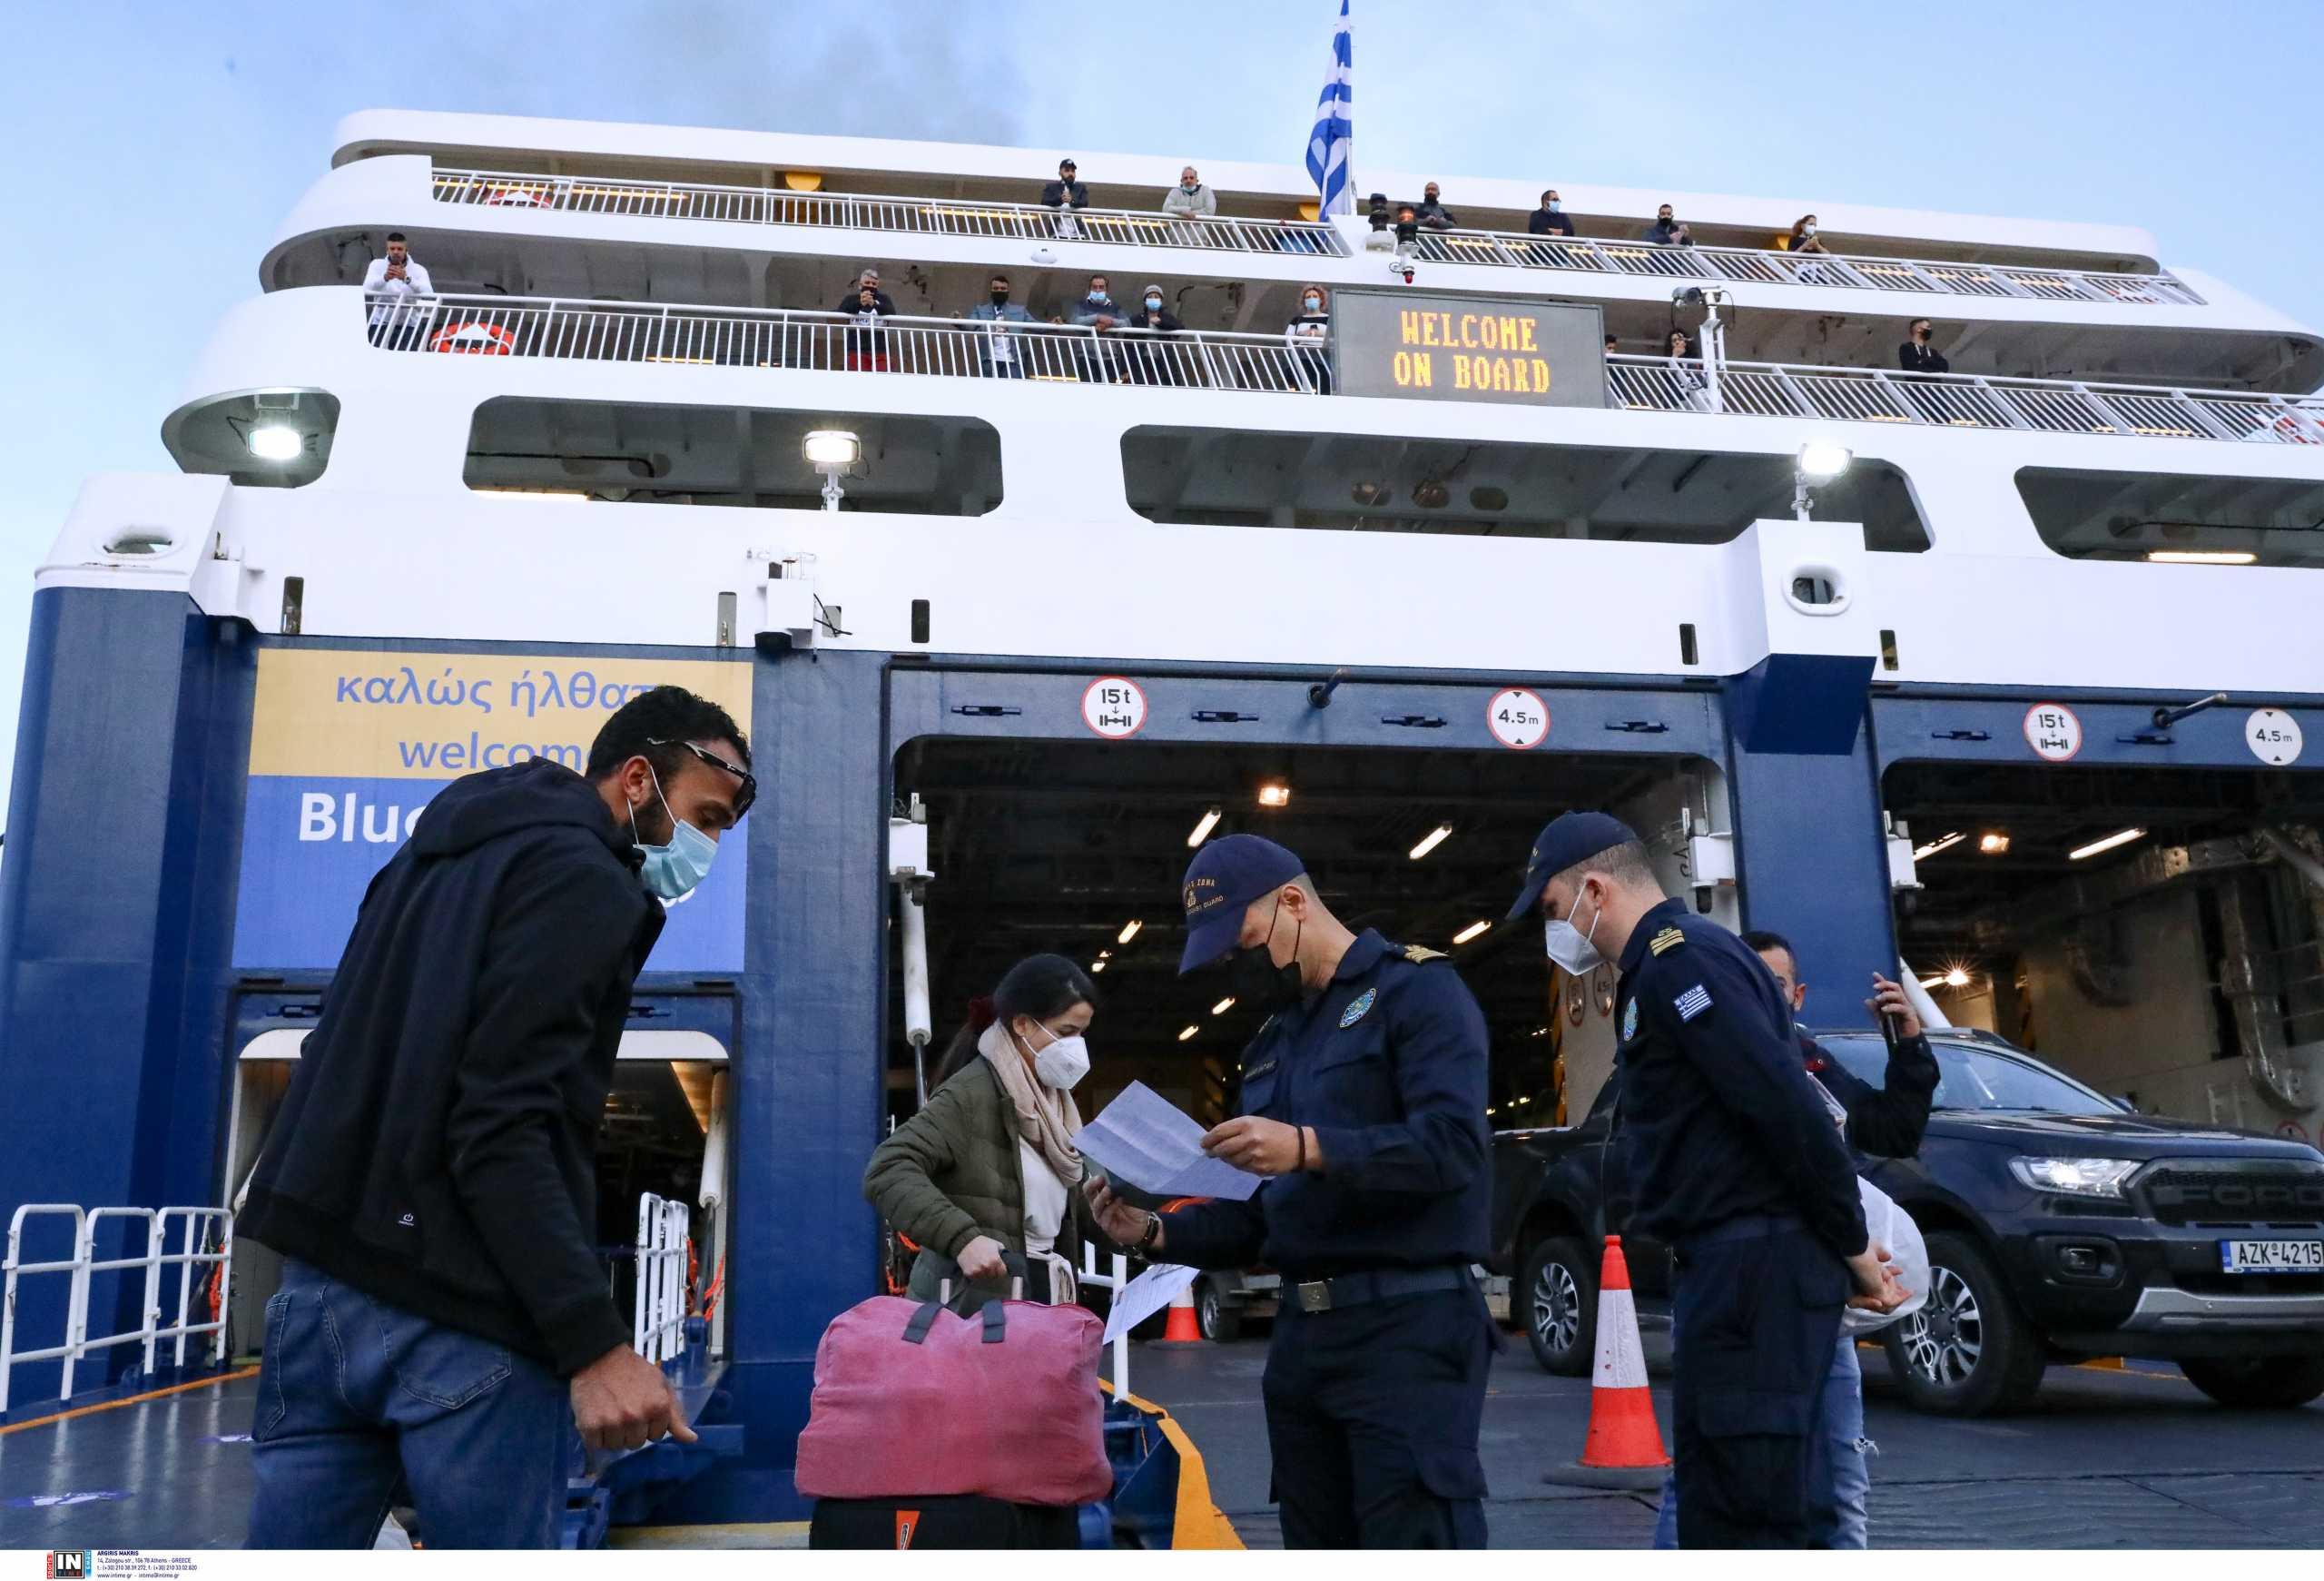 Εισήγηση ειδικών: Και η επιστροφή από τα νησιά με rapid test